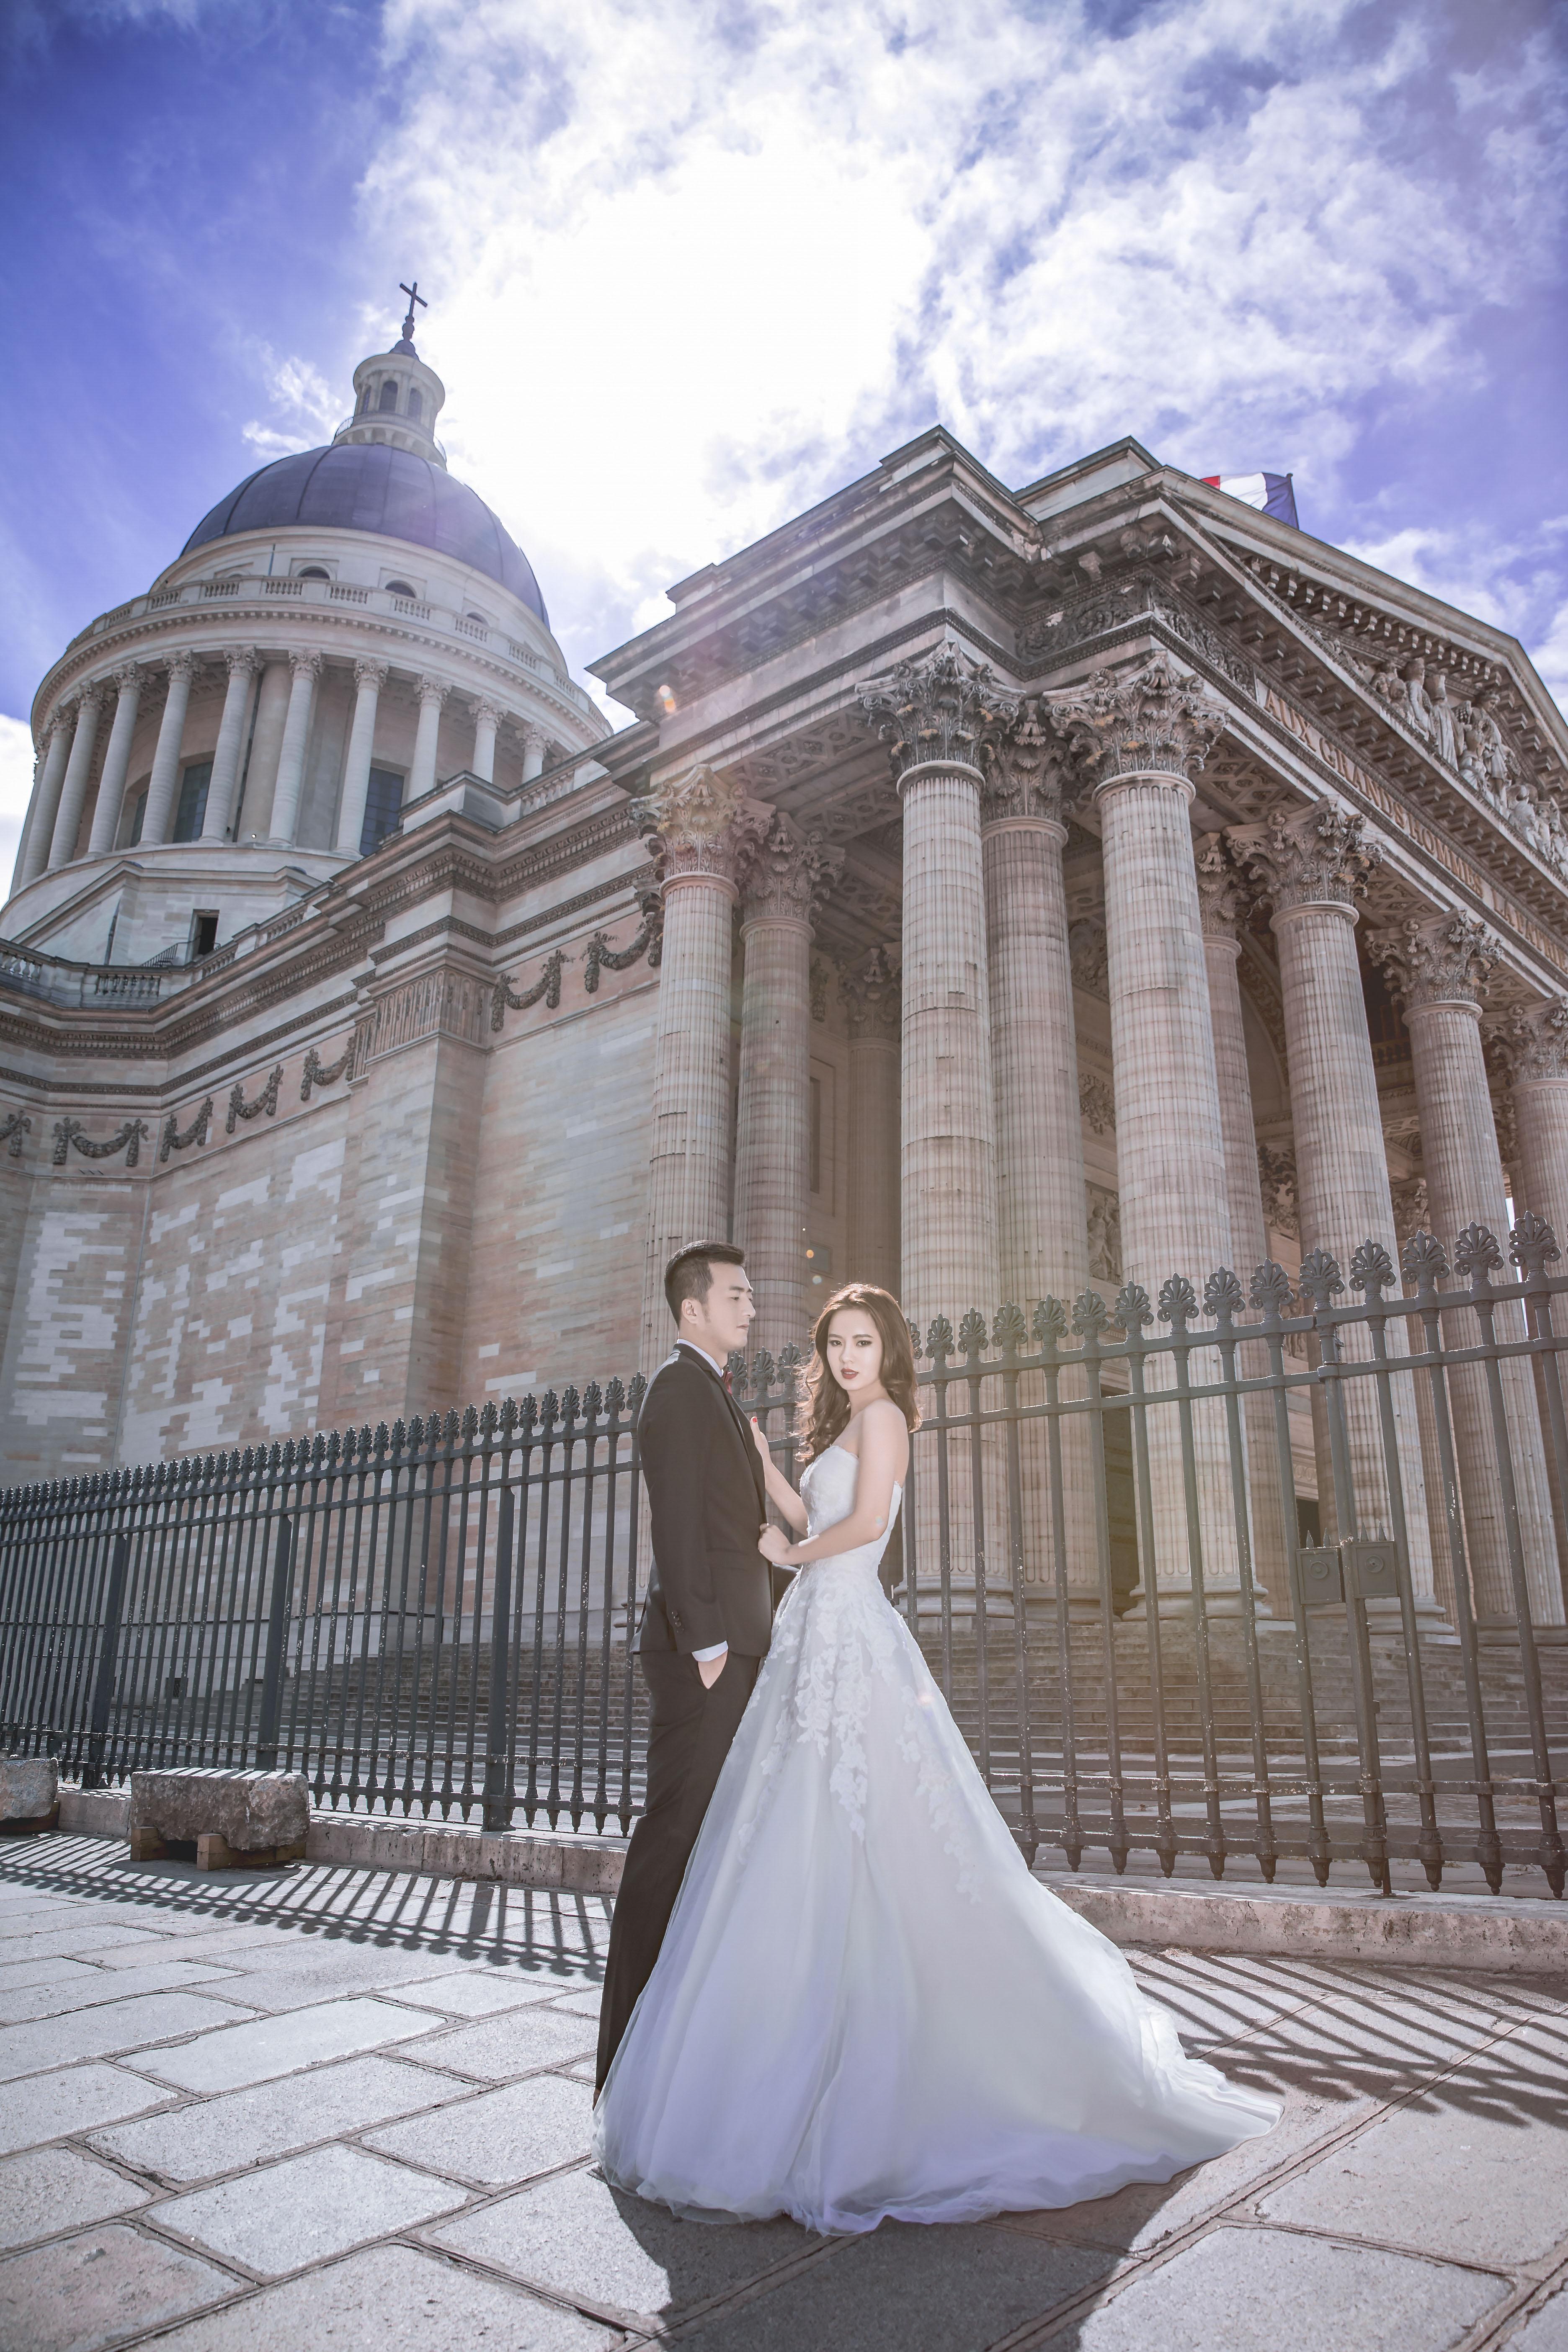 巴黎拍婚紗 巴黎鐵塔婚紗 歐洲旅拍